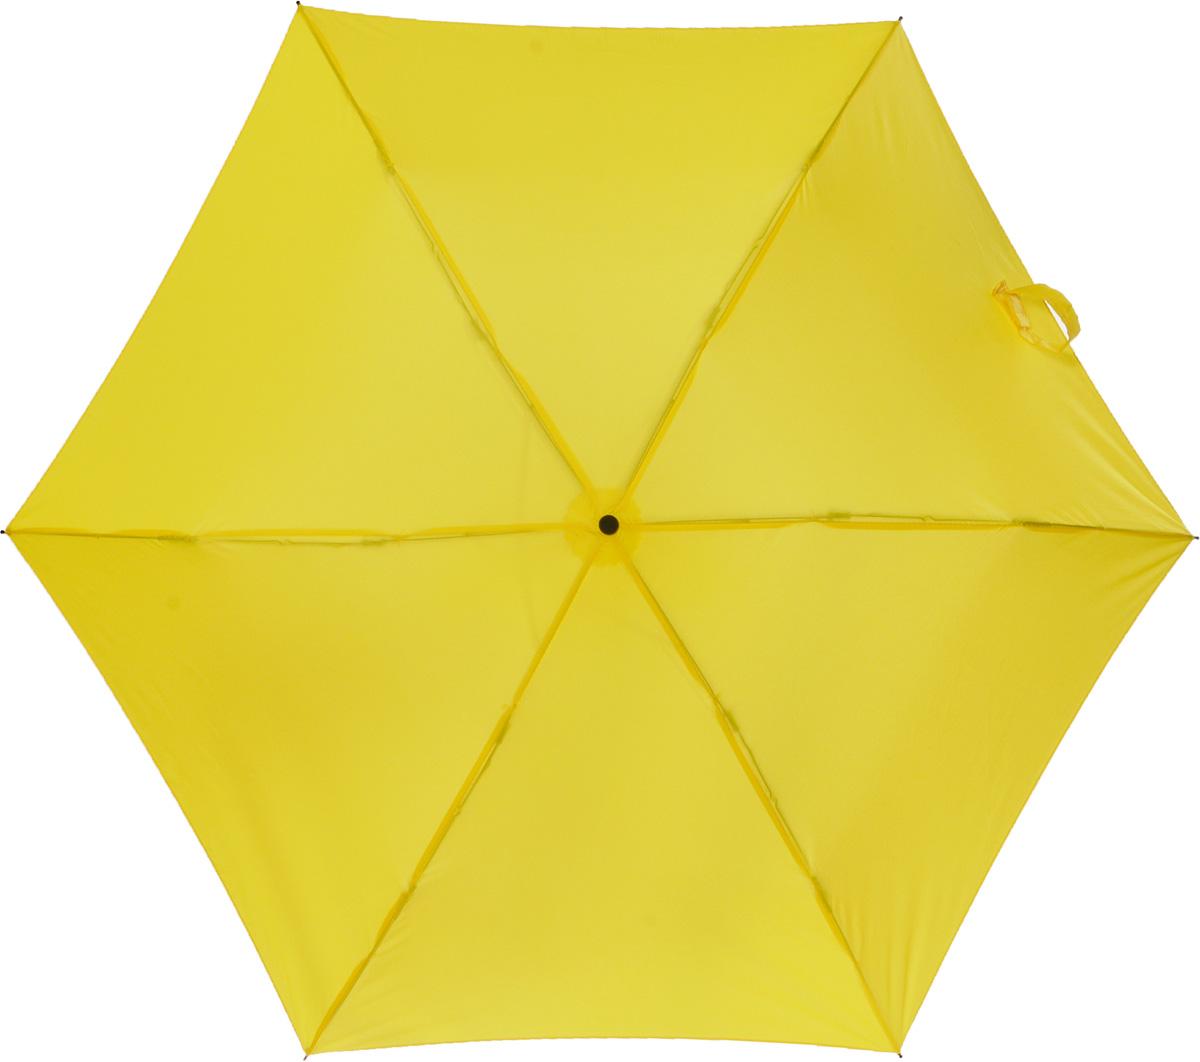 Зонт женский Эврика Банан, цвет: желтый. 9527695276Оригинальный подарочный компактный зонт. Диаметр купола в раскрытом виде: 90 см. Высота зонта: 52 см. Материал: нейлон, металл, пластик. Bec: 0,325 кг.